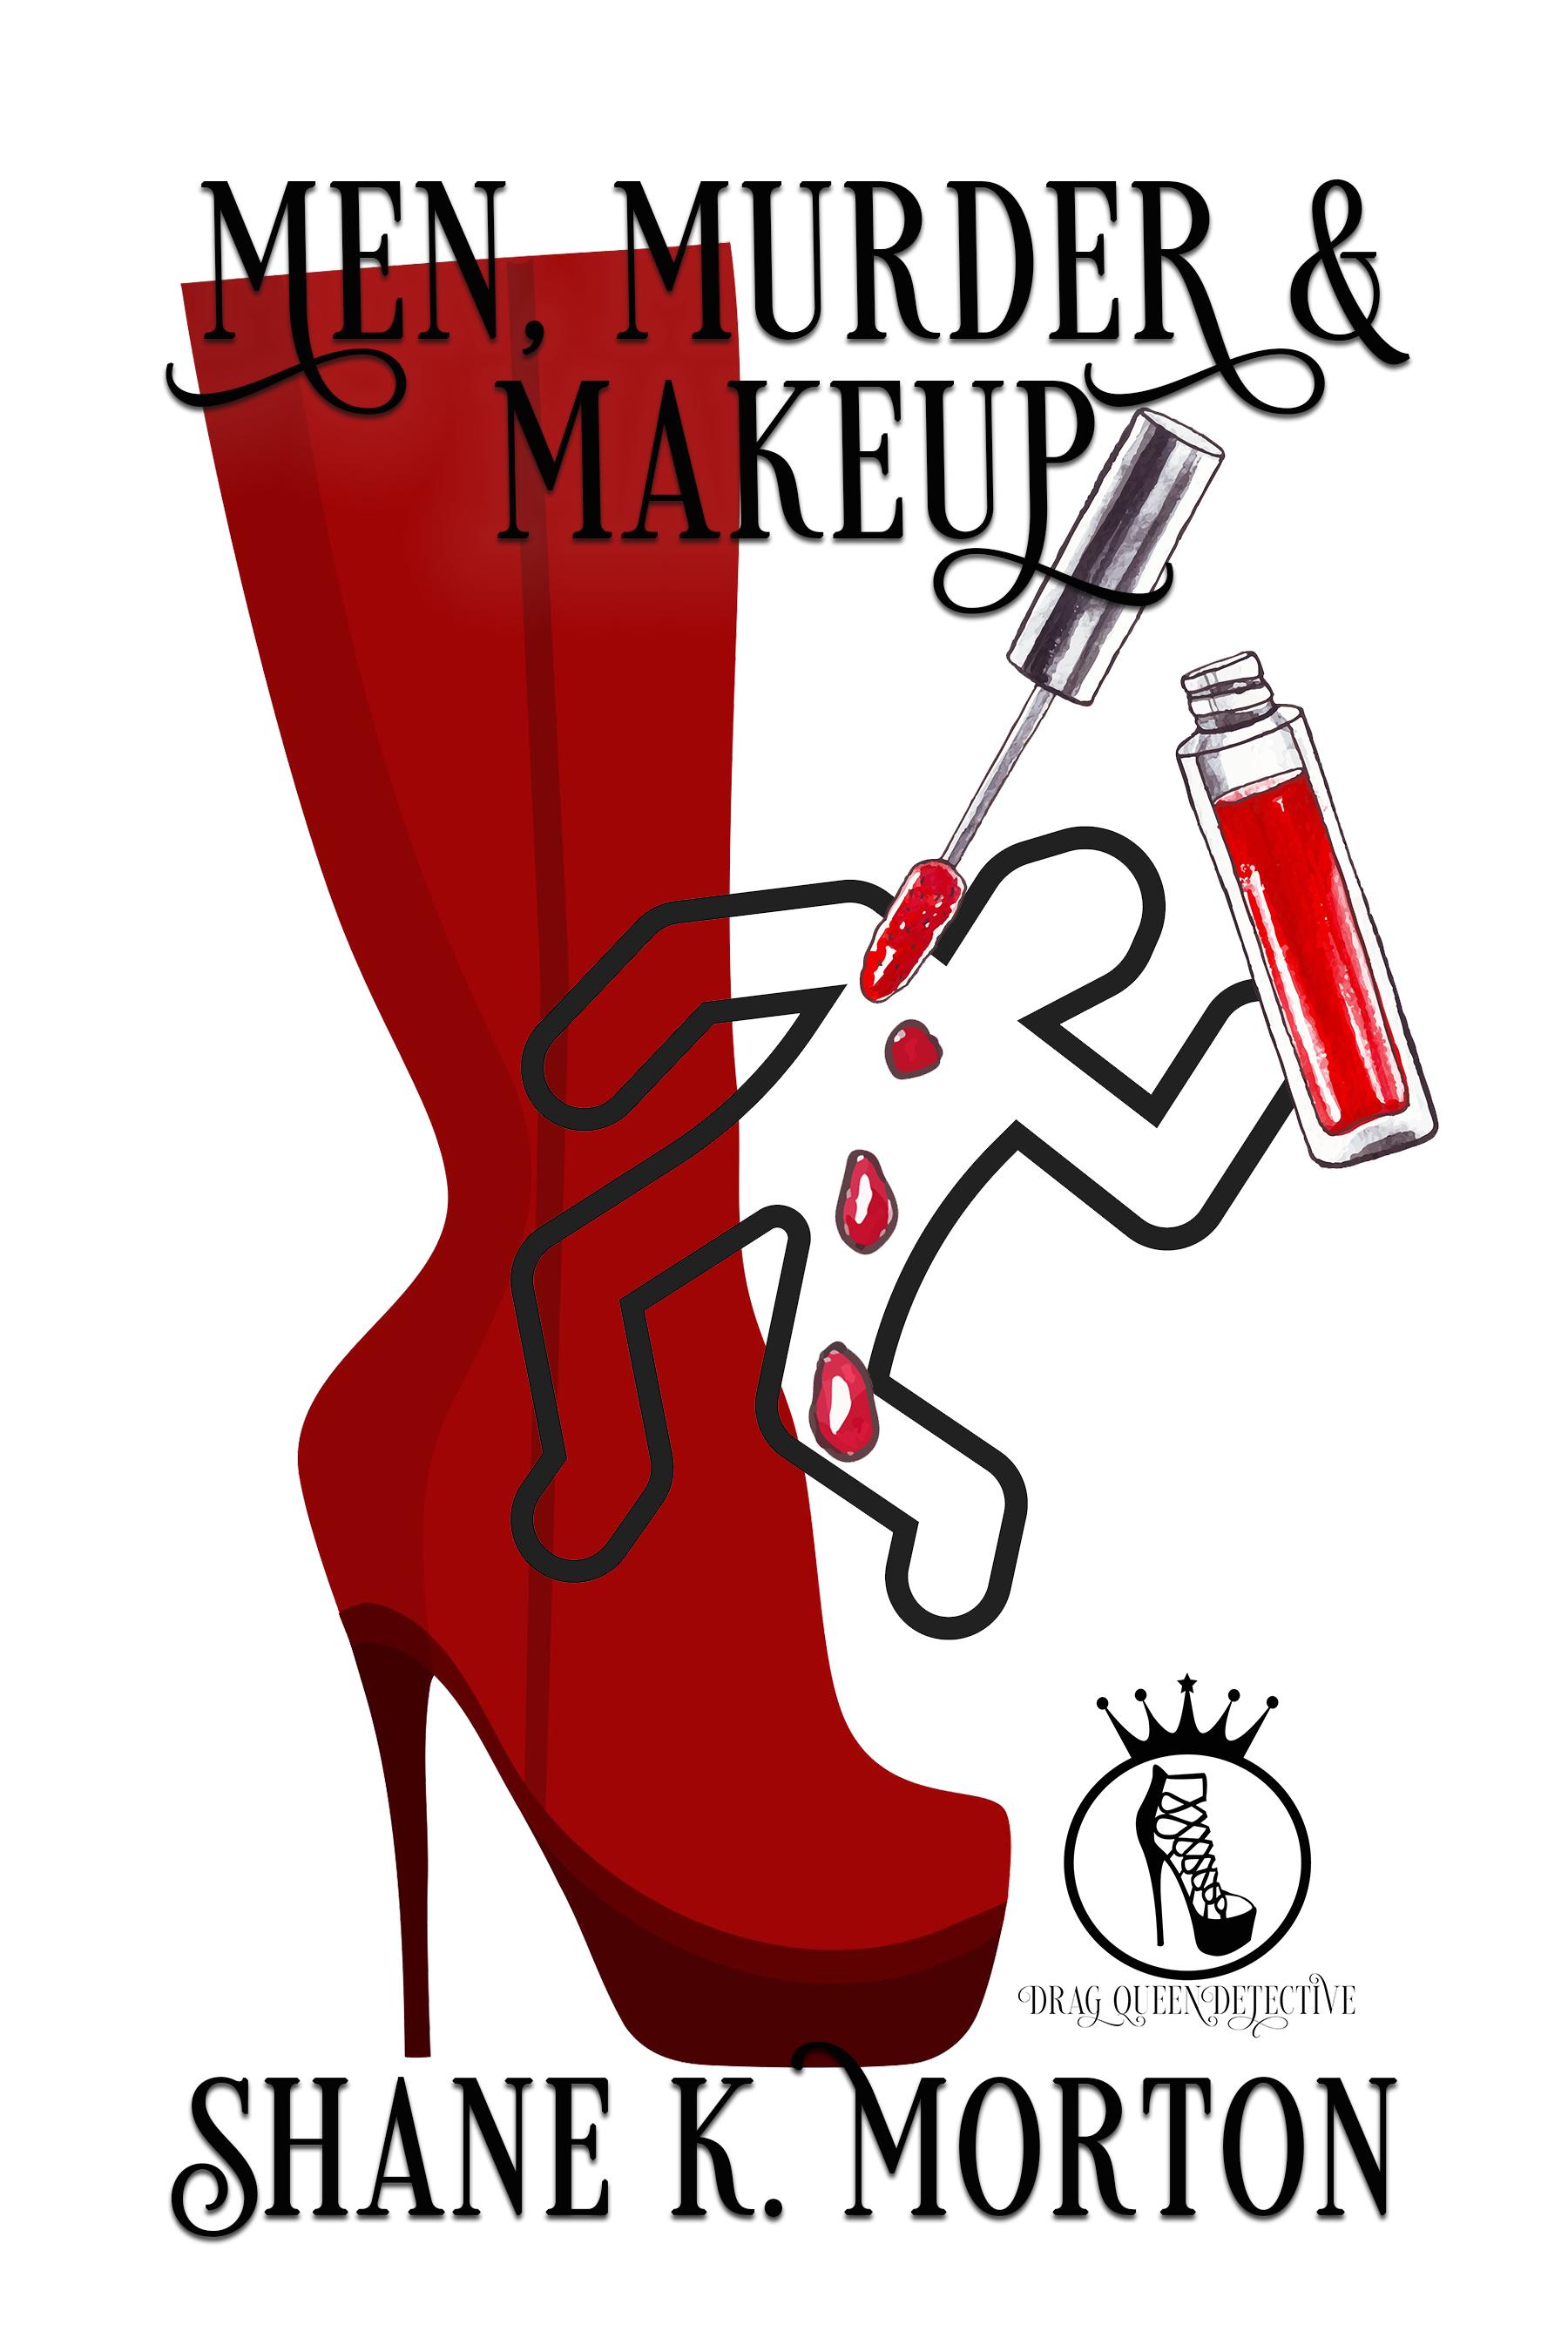 Men Murder and Makeup - Drag Queen Detective